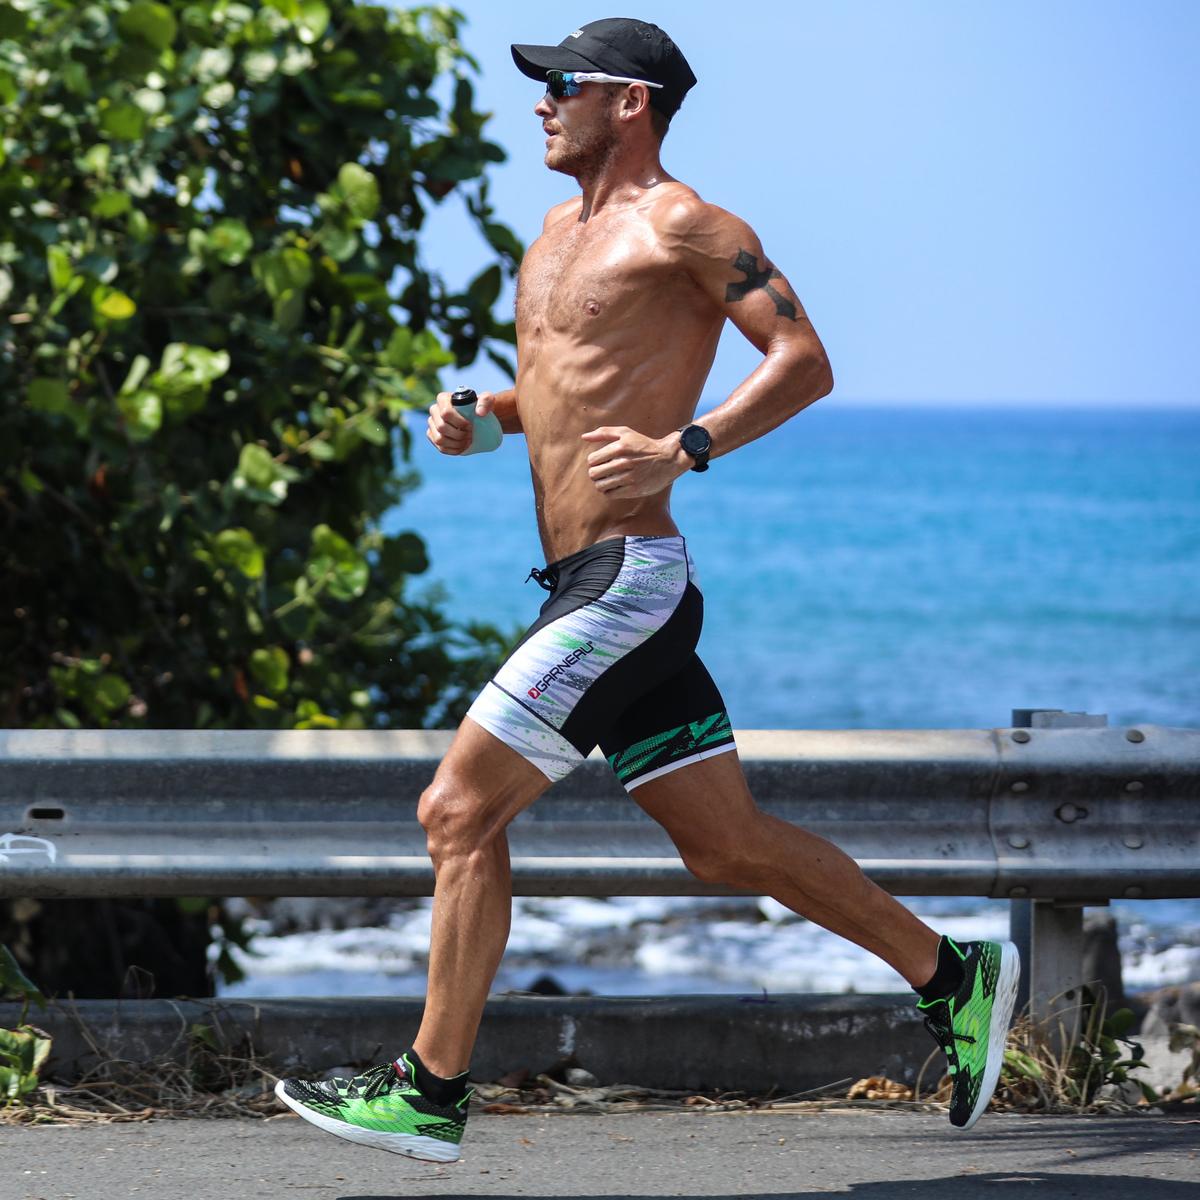 f:id:triathlon_runbikeswim:20200108110700j:plain